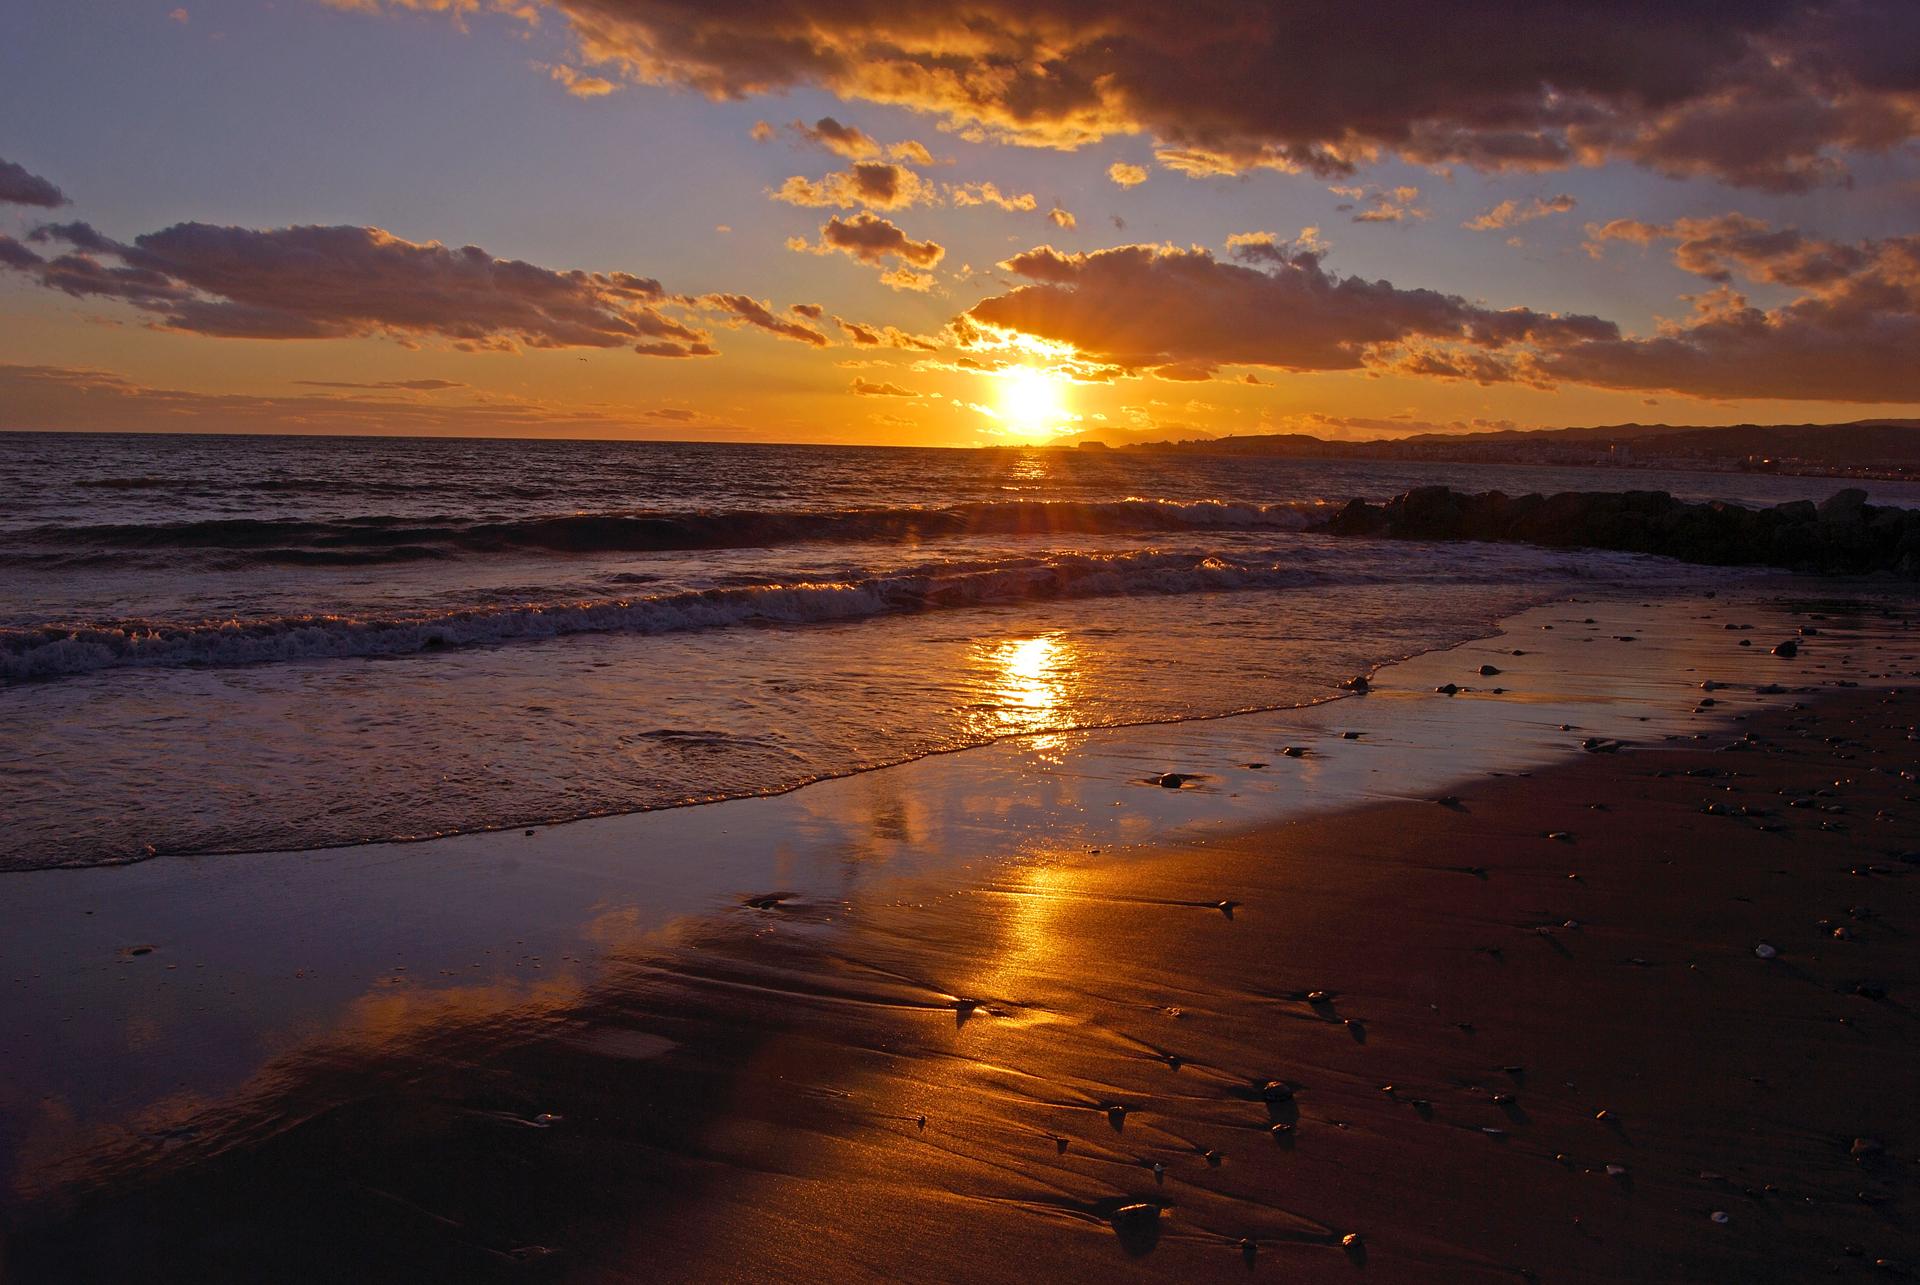 playa-atardecer-mediterraneo-sol-foto-1.jpg